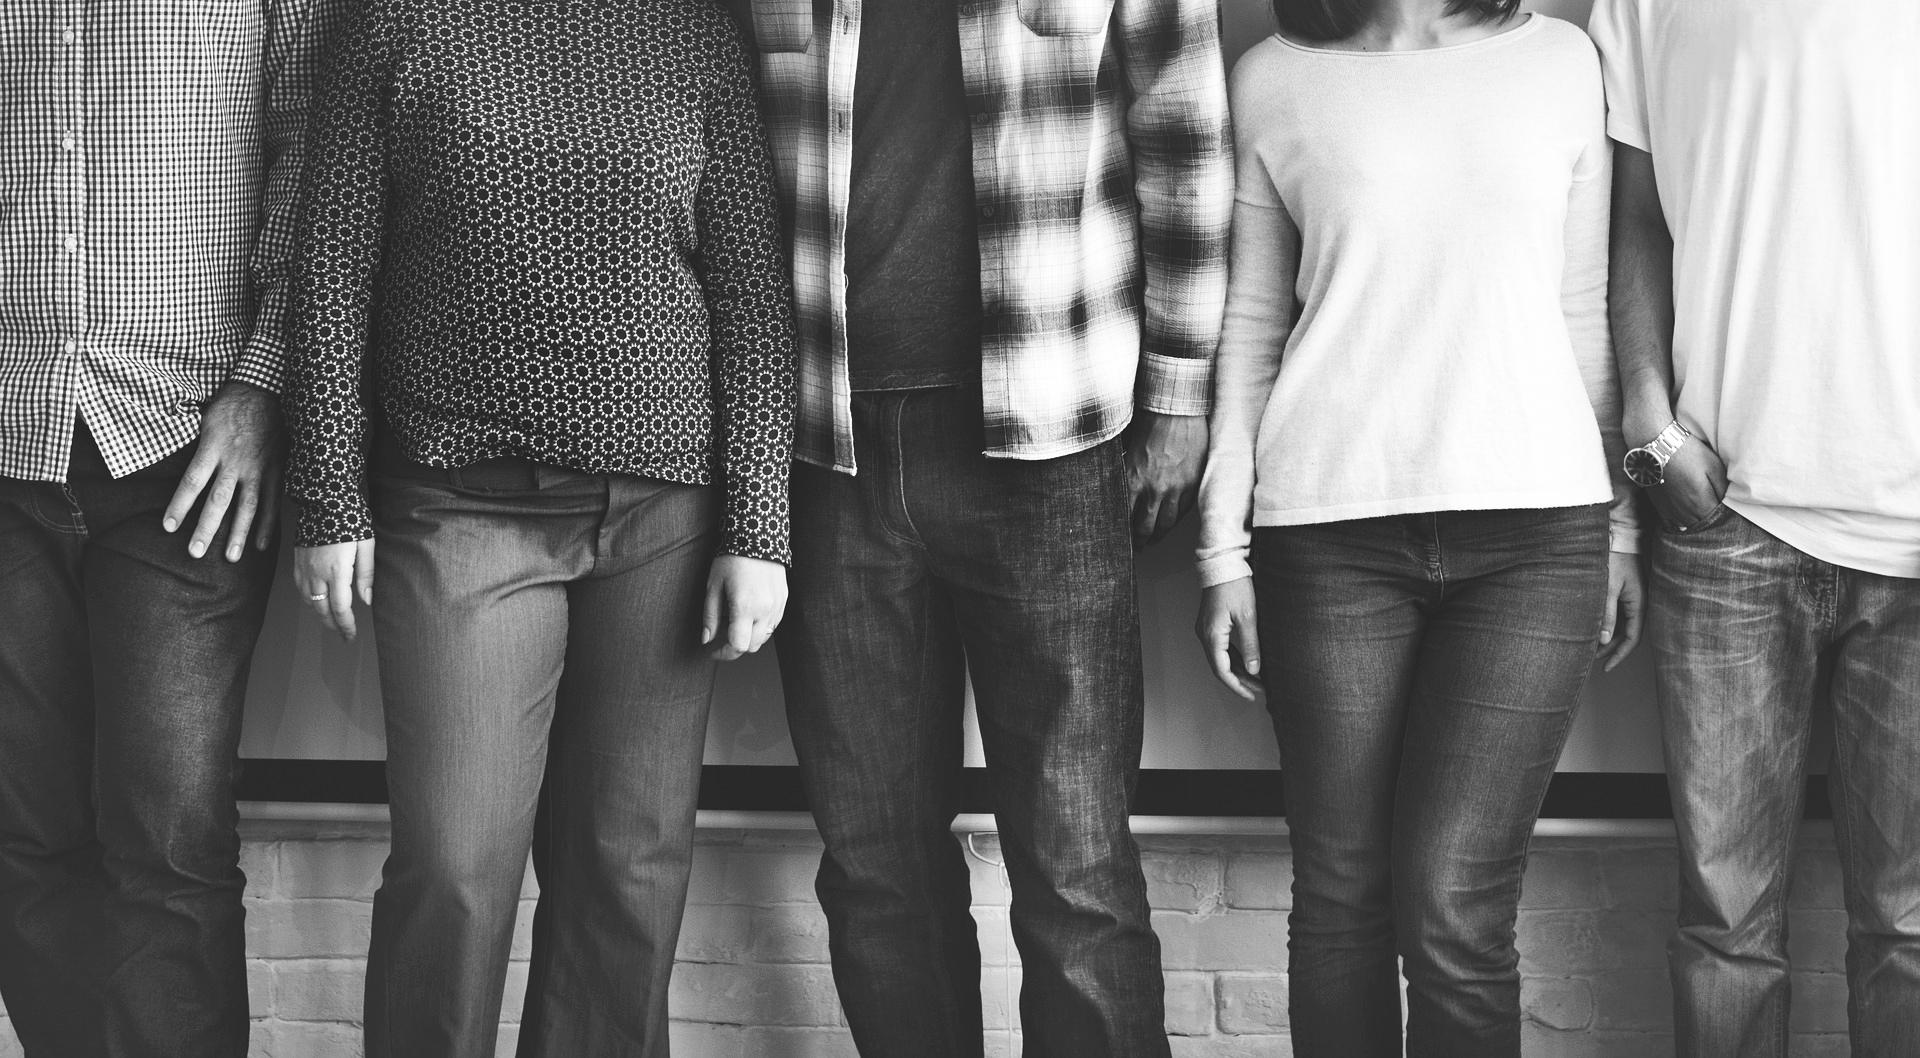 Meet-ups/Networking Groups